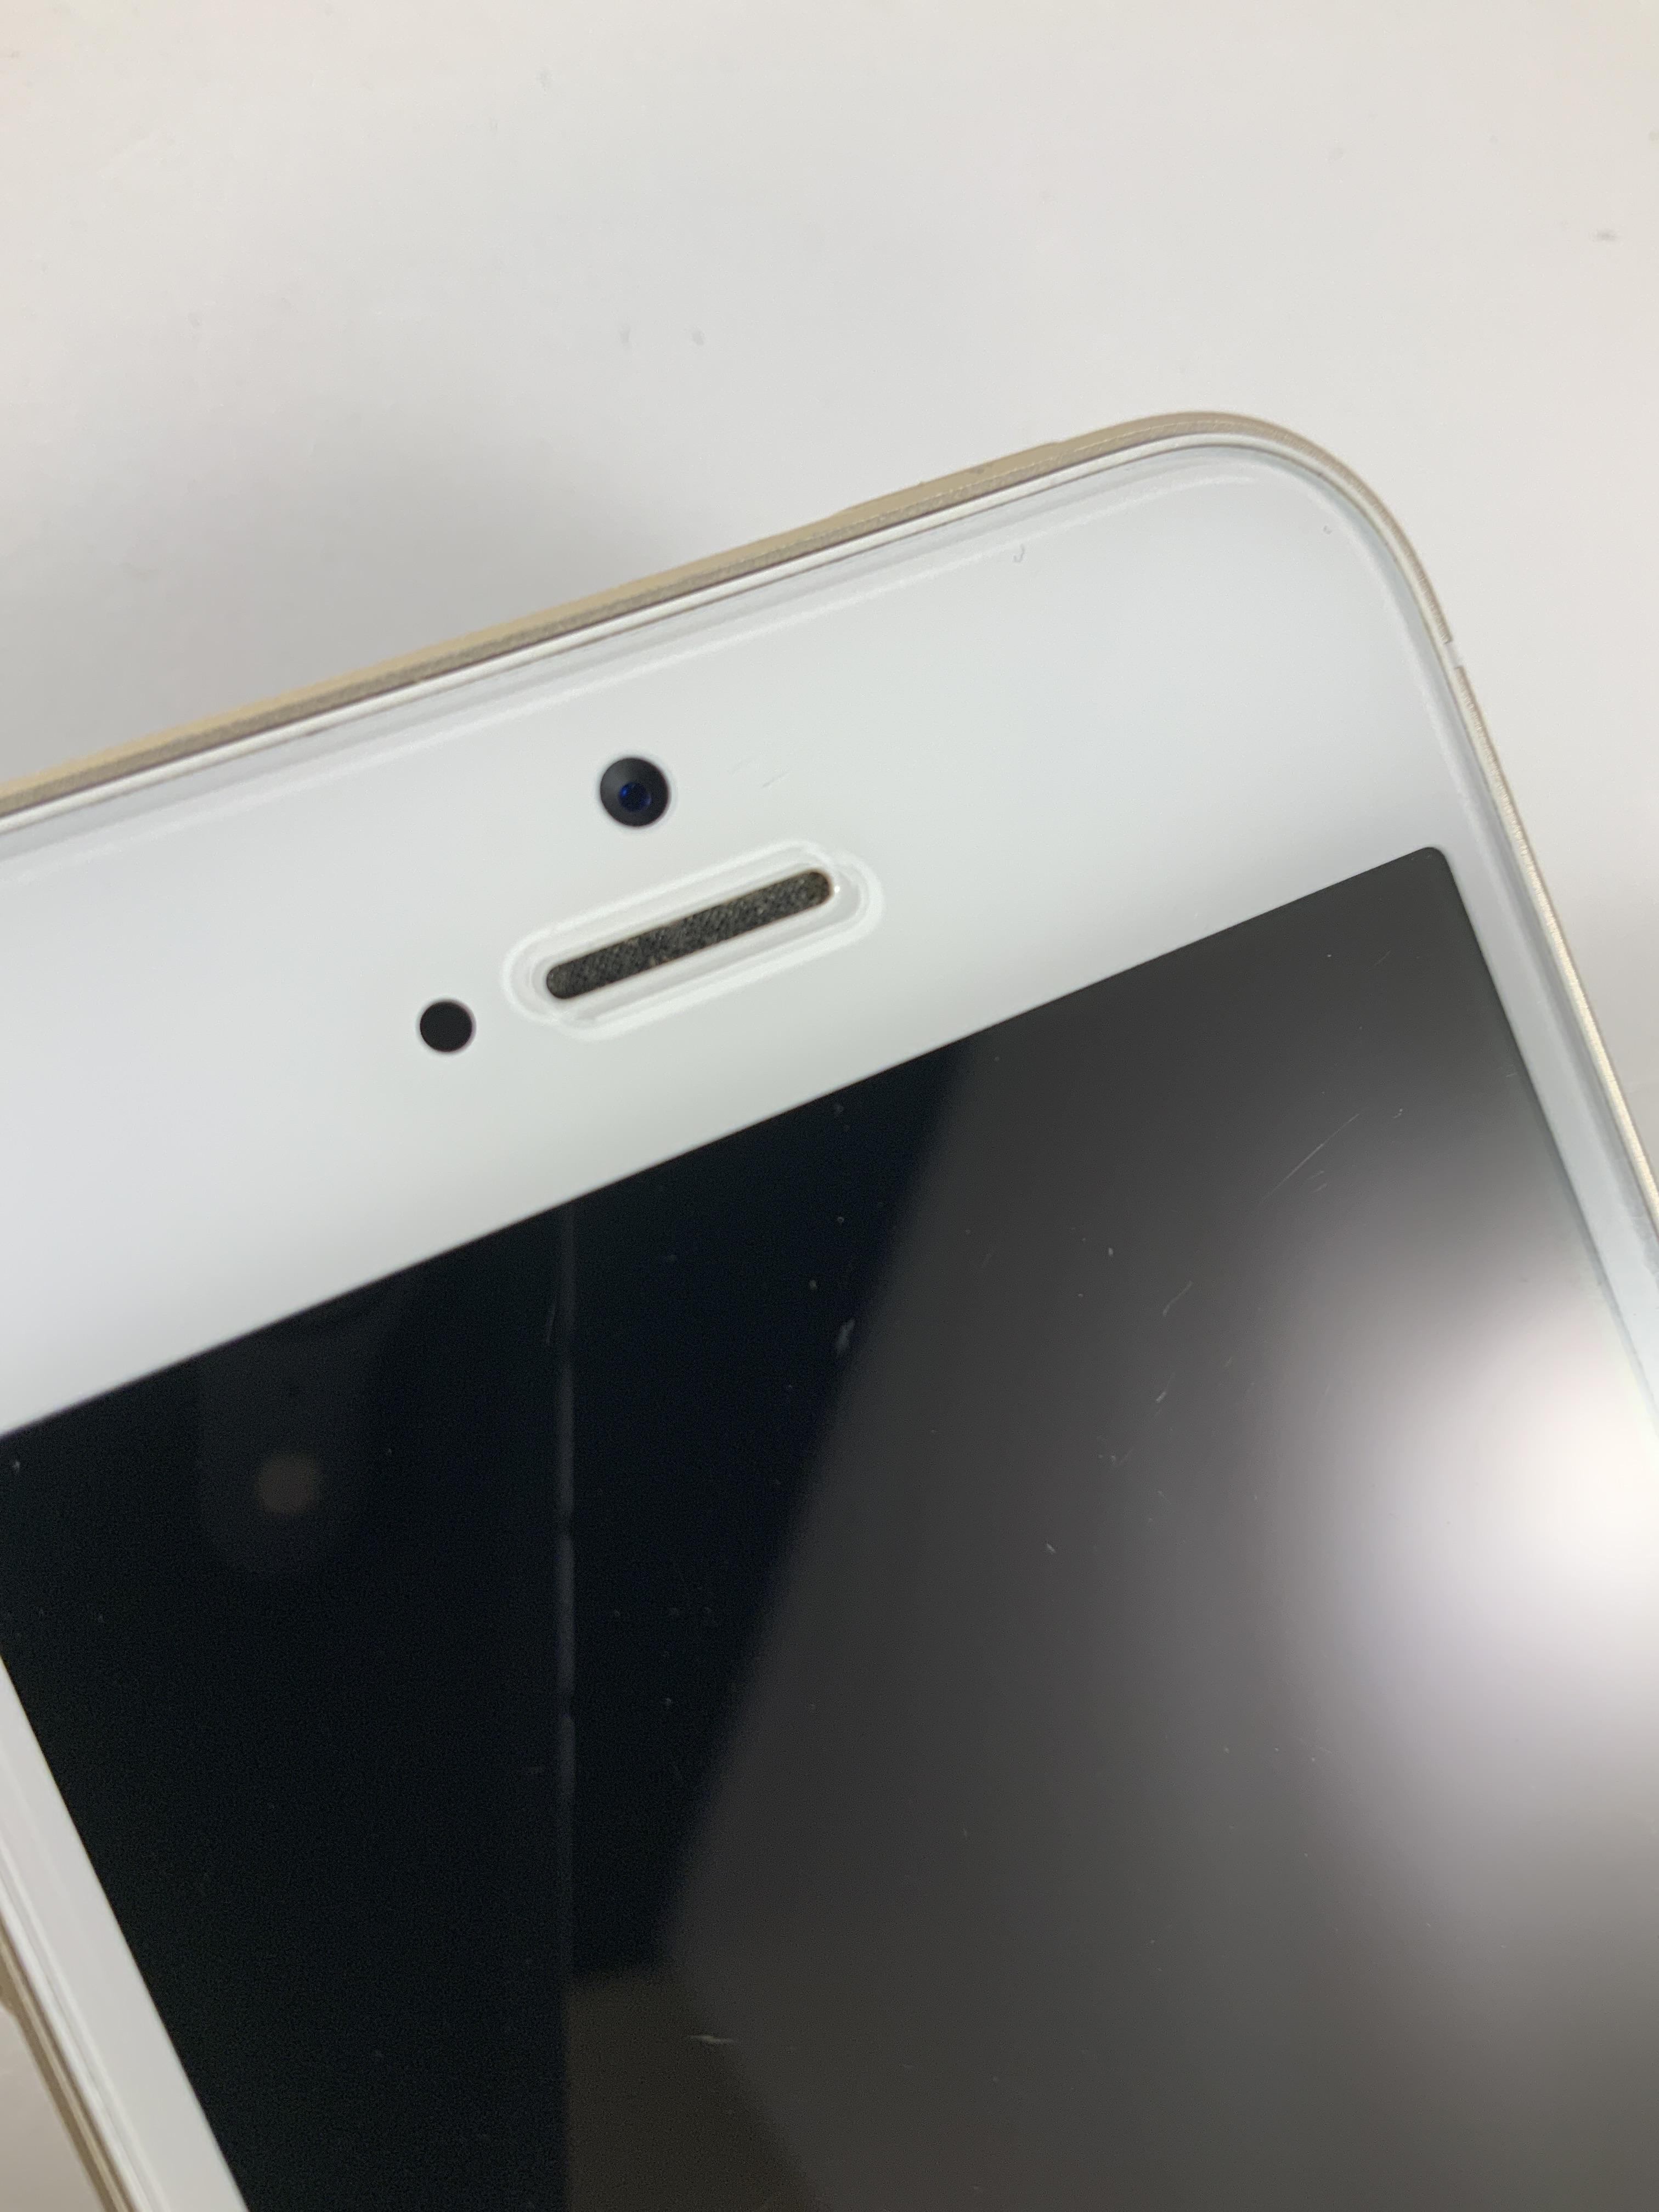 iPhone SE 16GB, 16GB, Gold, bild 4